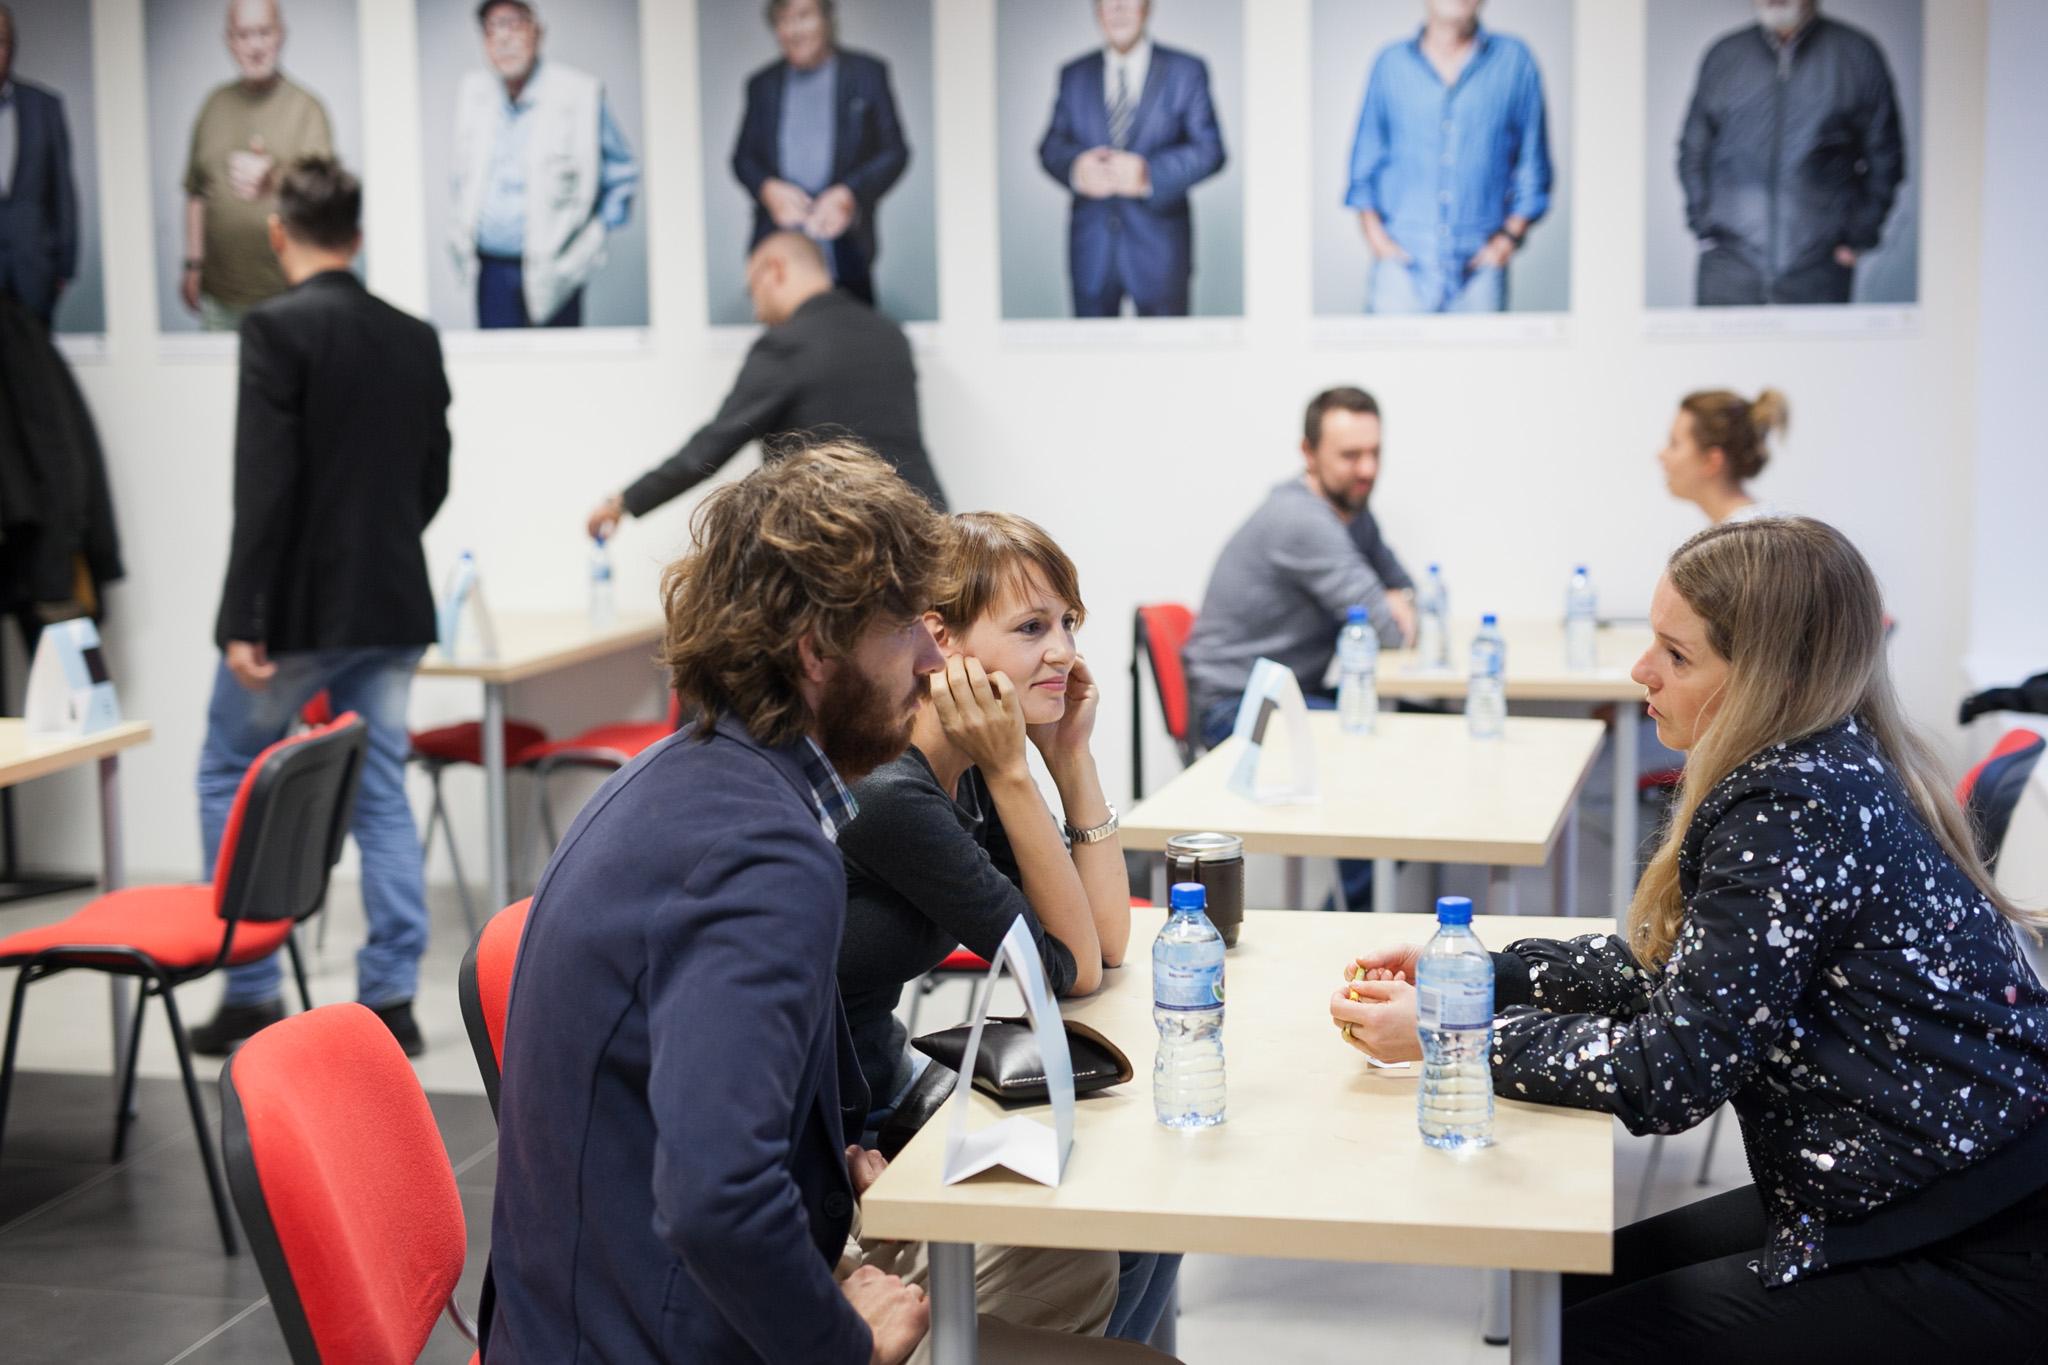 magazynkobiet.pl - Gdynia Kreatywna c - Bezpłatne szkolenia dla branży kreatywnej w Gdyni